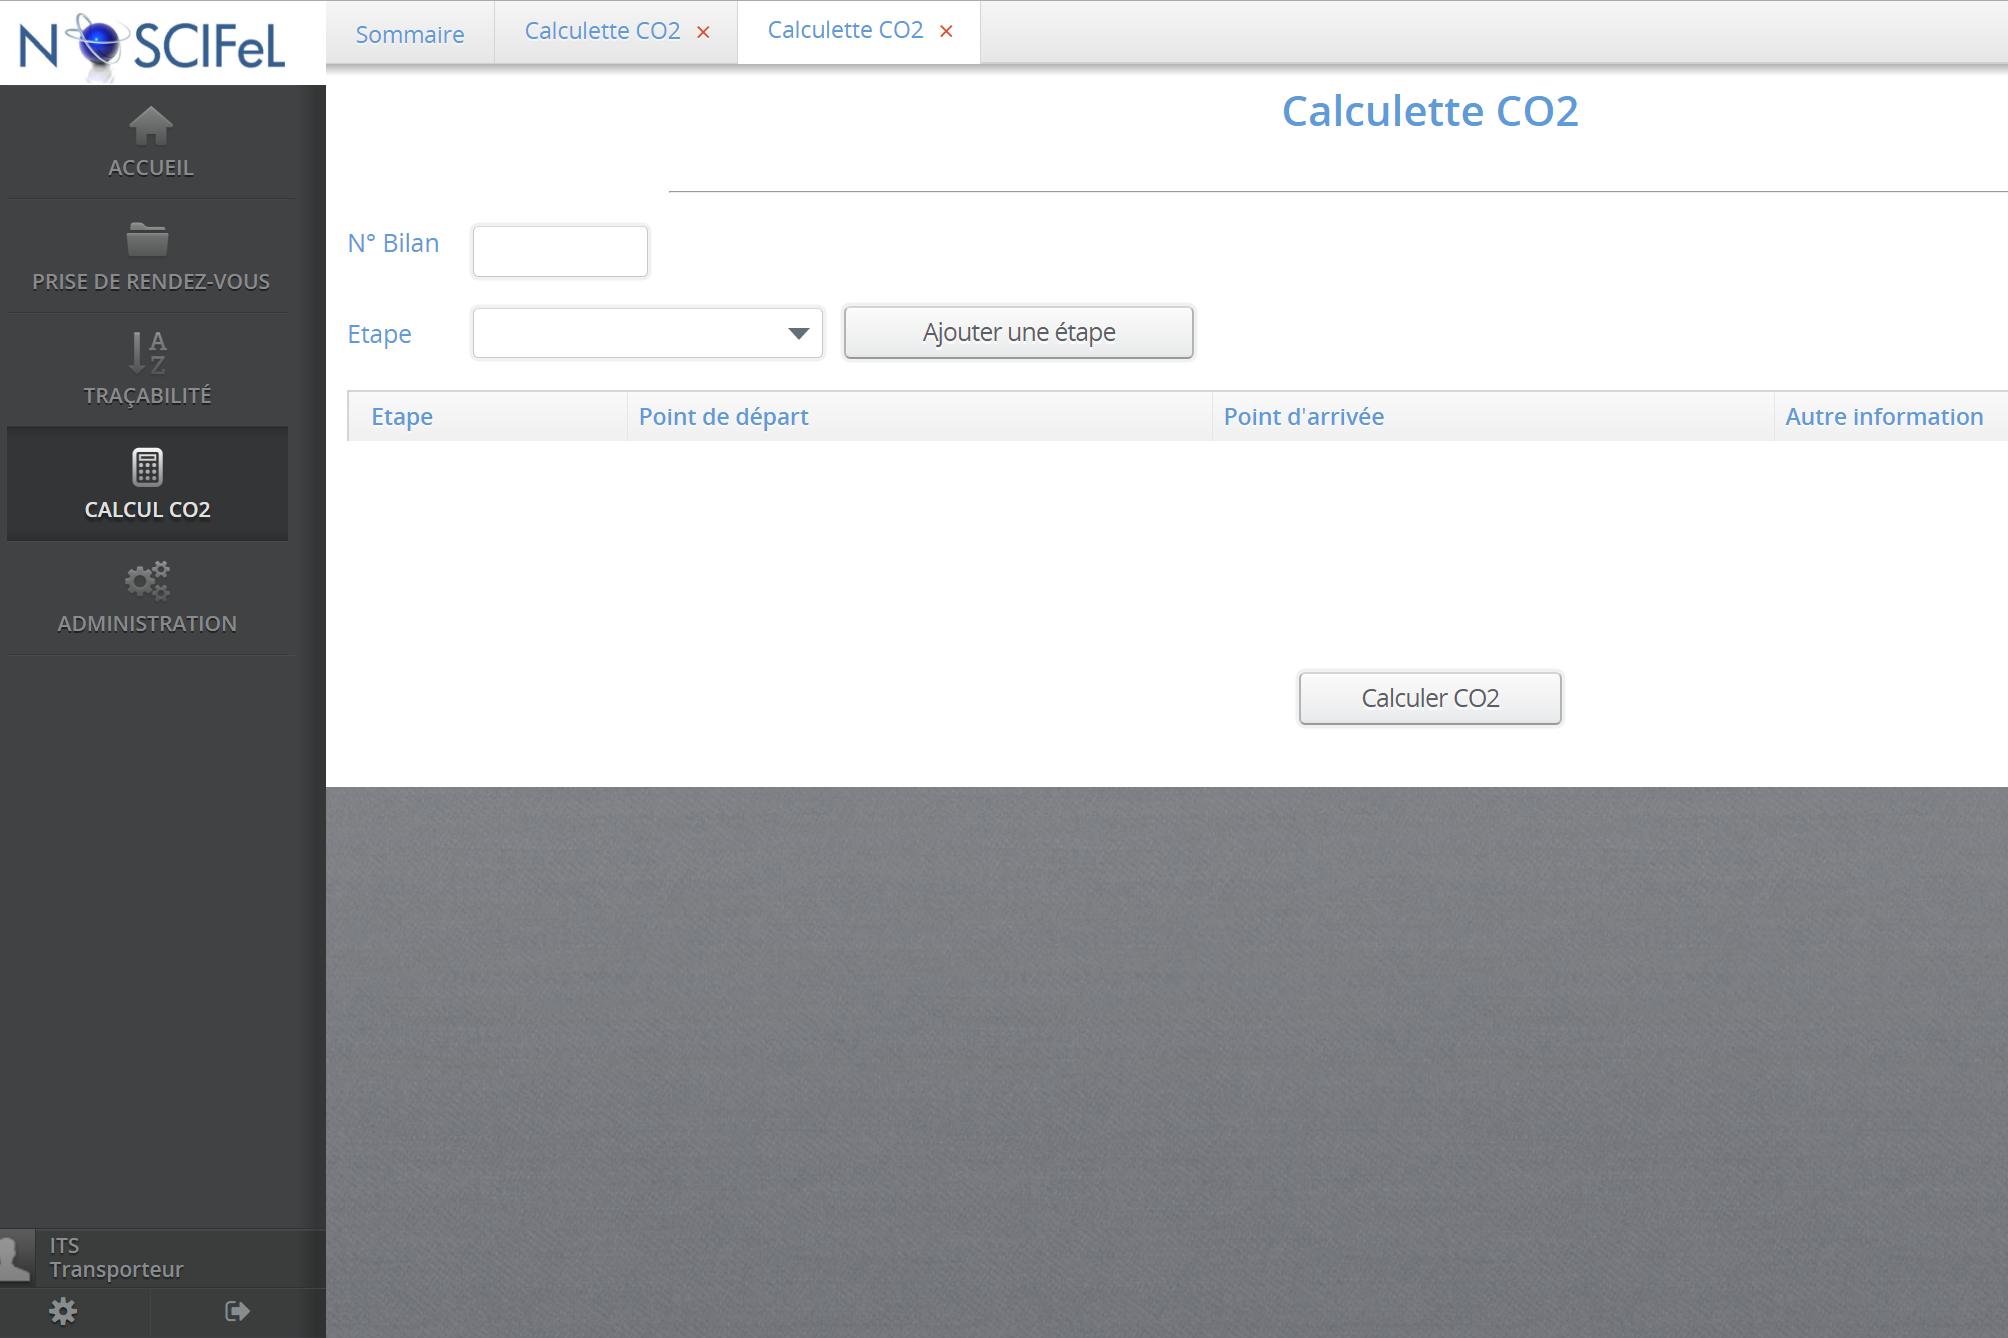 calculette-CO2